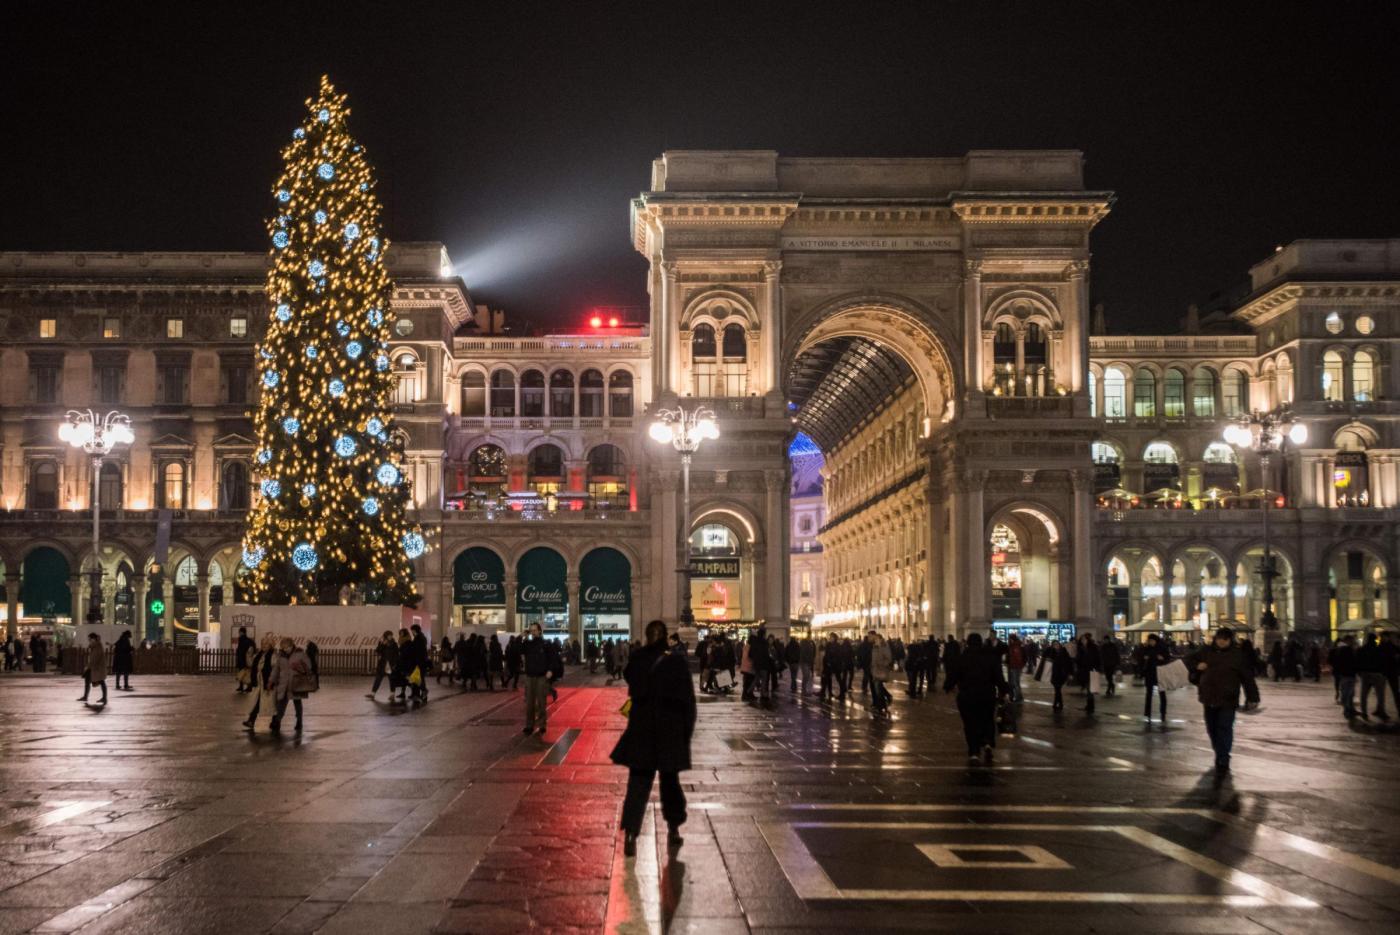 Albero di Natale in Piazza Duomo a Milano